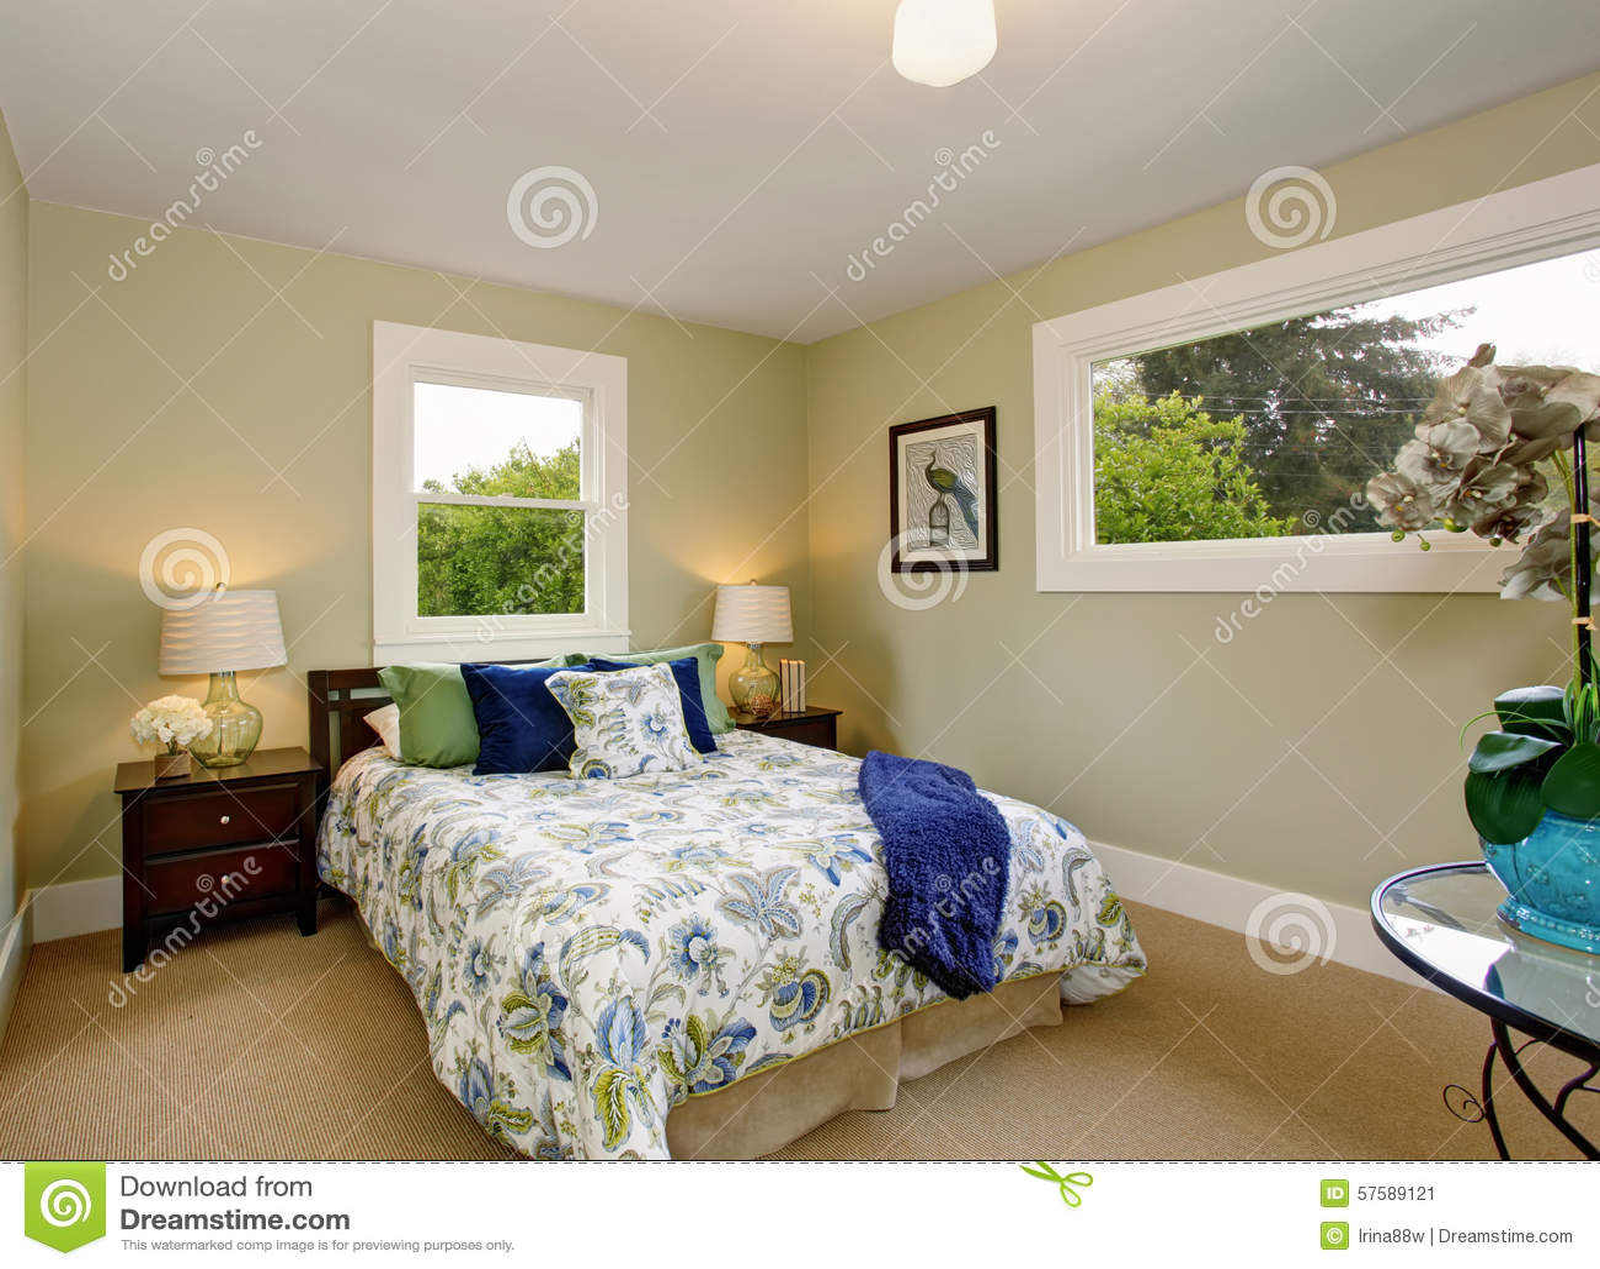 chambre coucher moderne avec le d cor int rieur vert et bleu image stock image du indoors. Black Bedroom Furniture Sets. Home Design Ideas